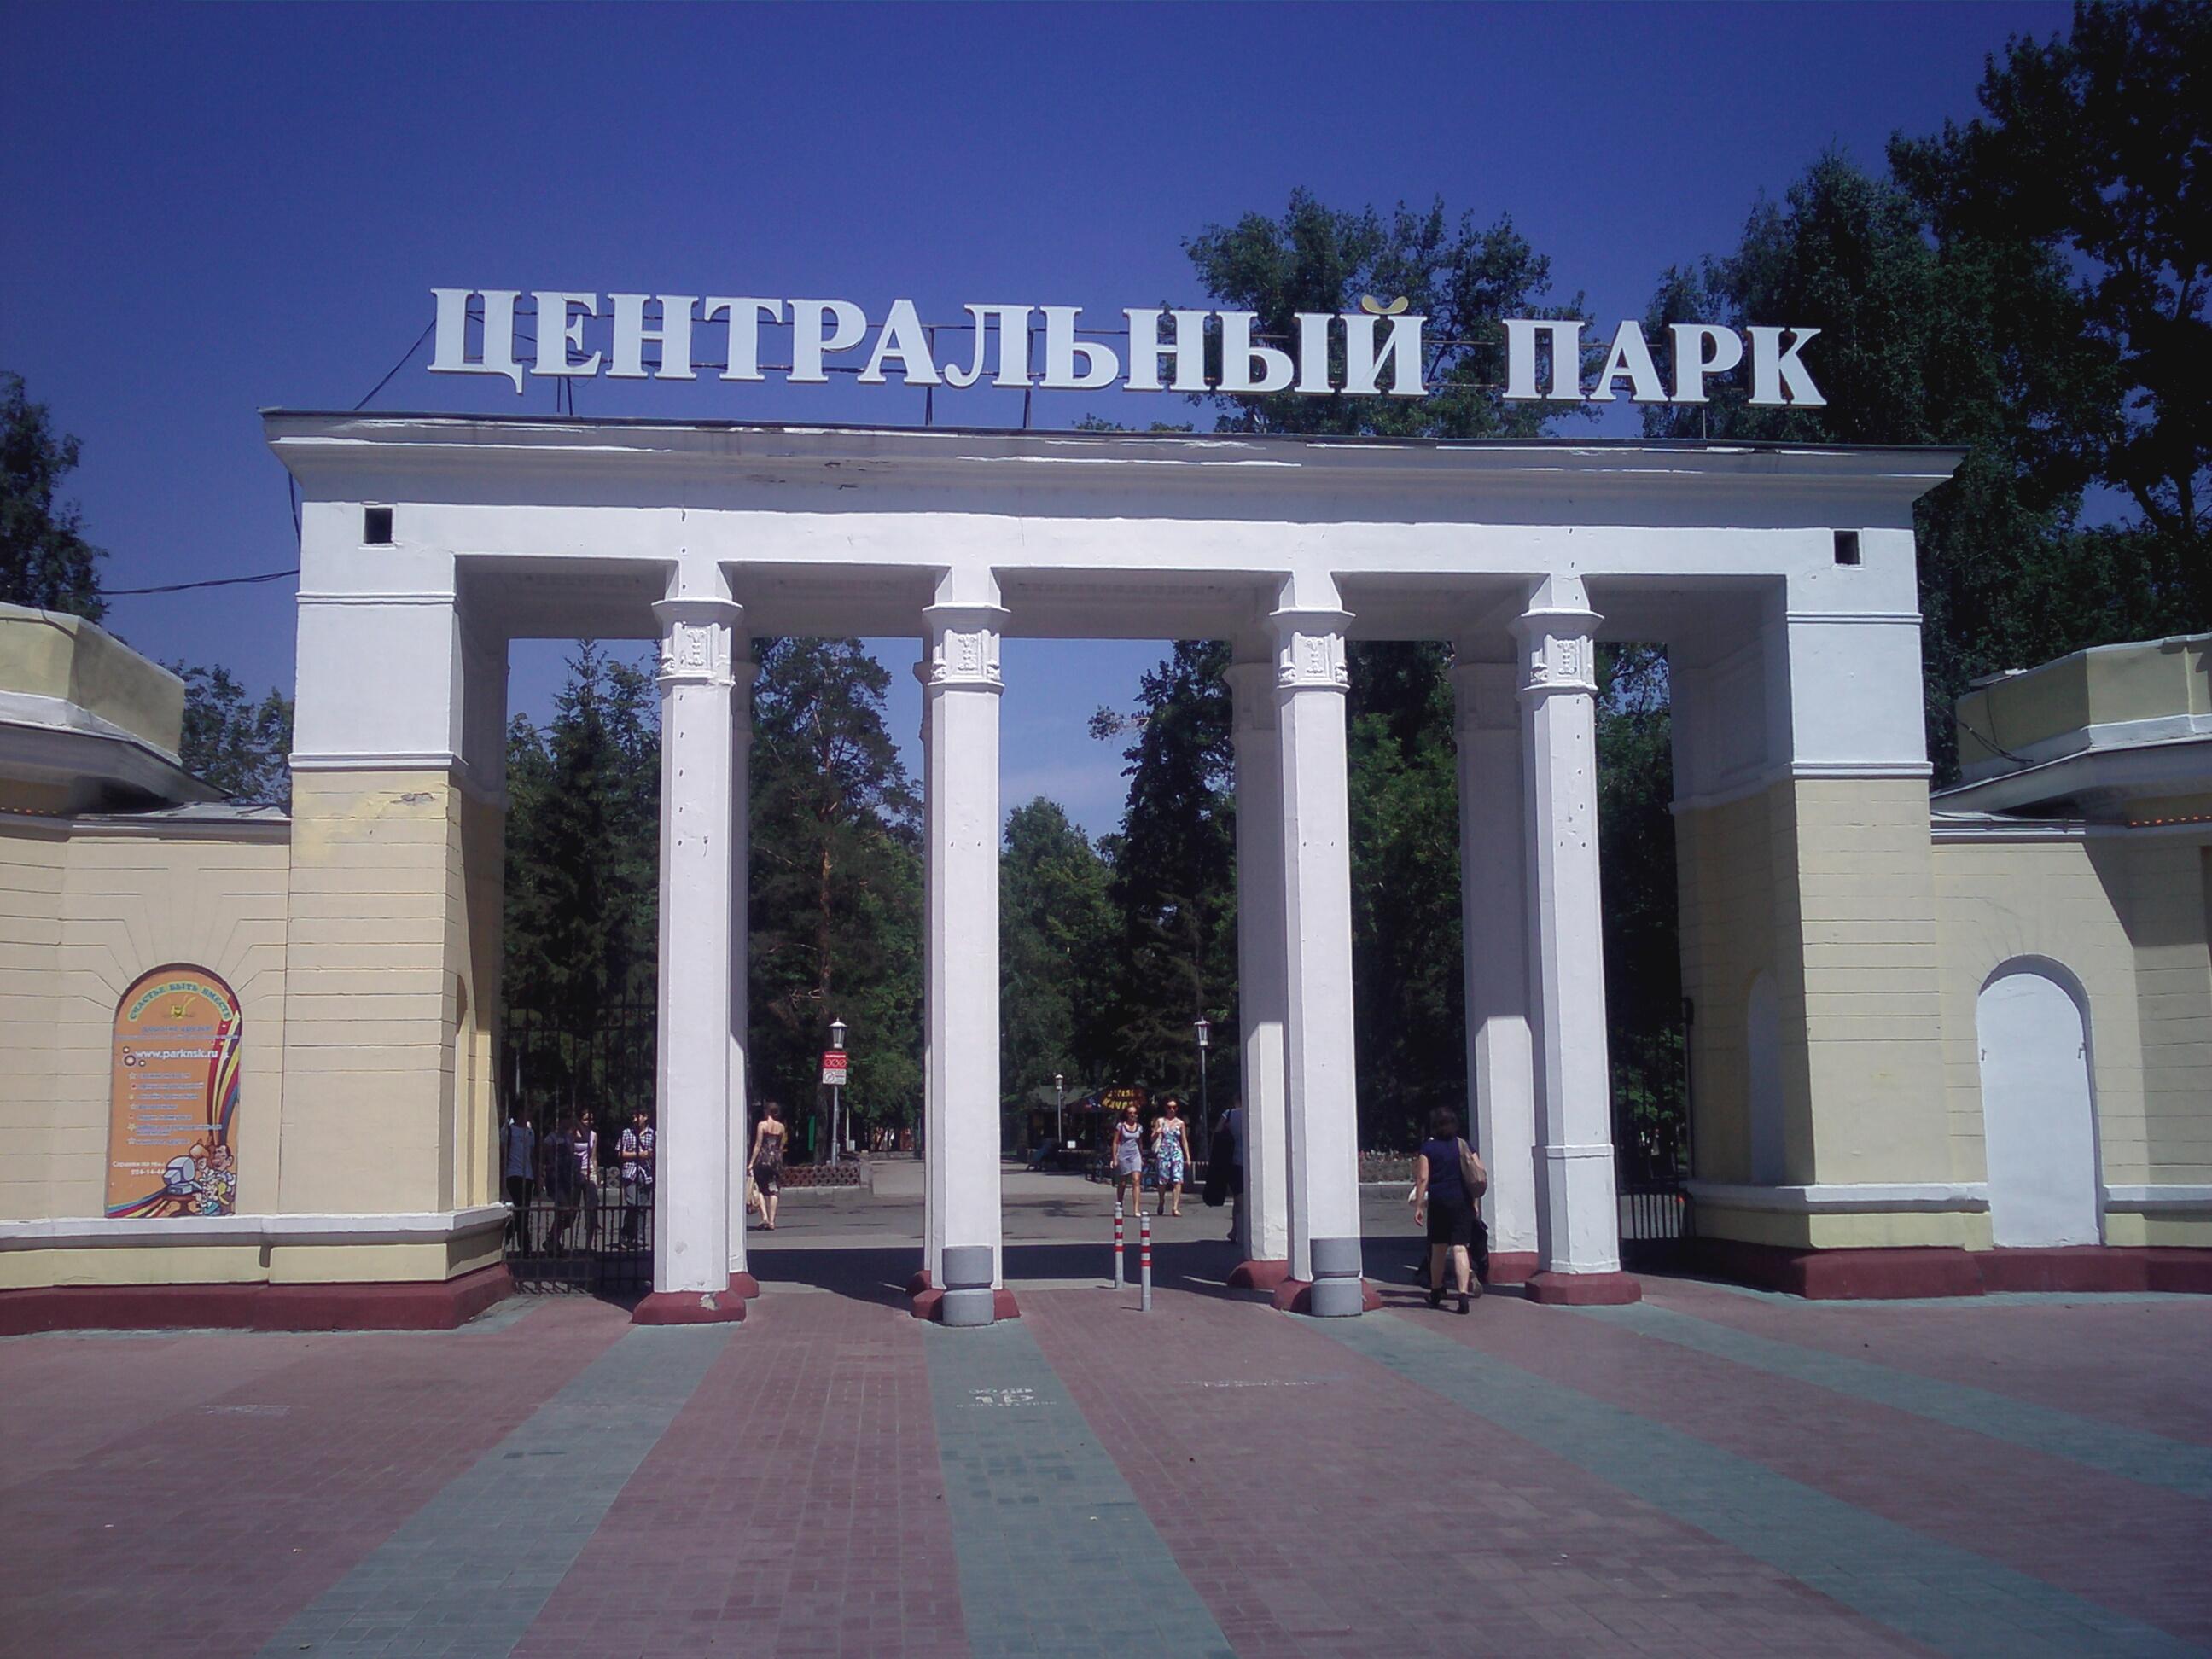 Центральный парк новосибирск картинки